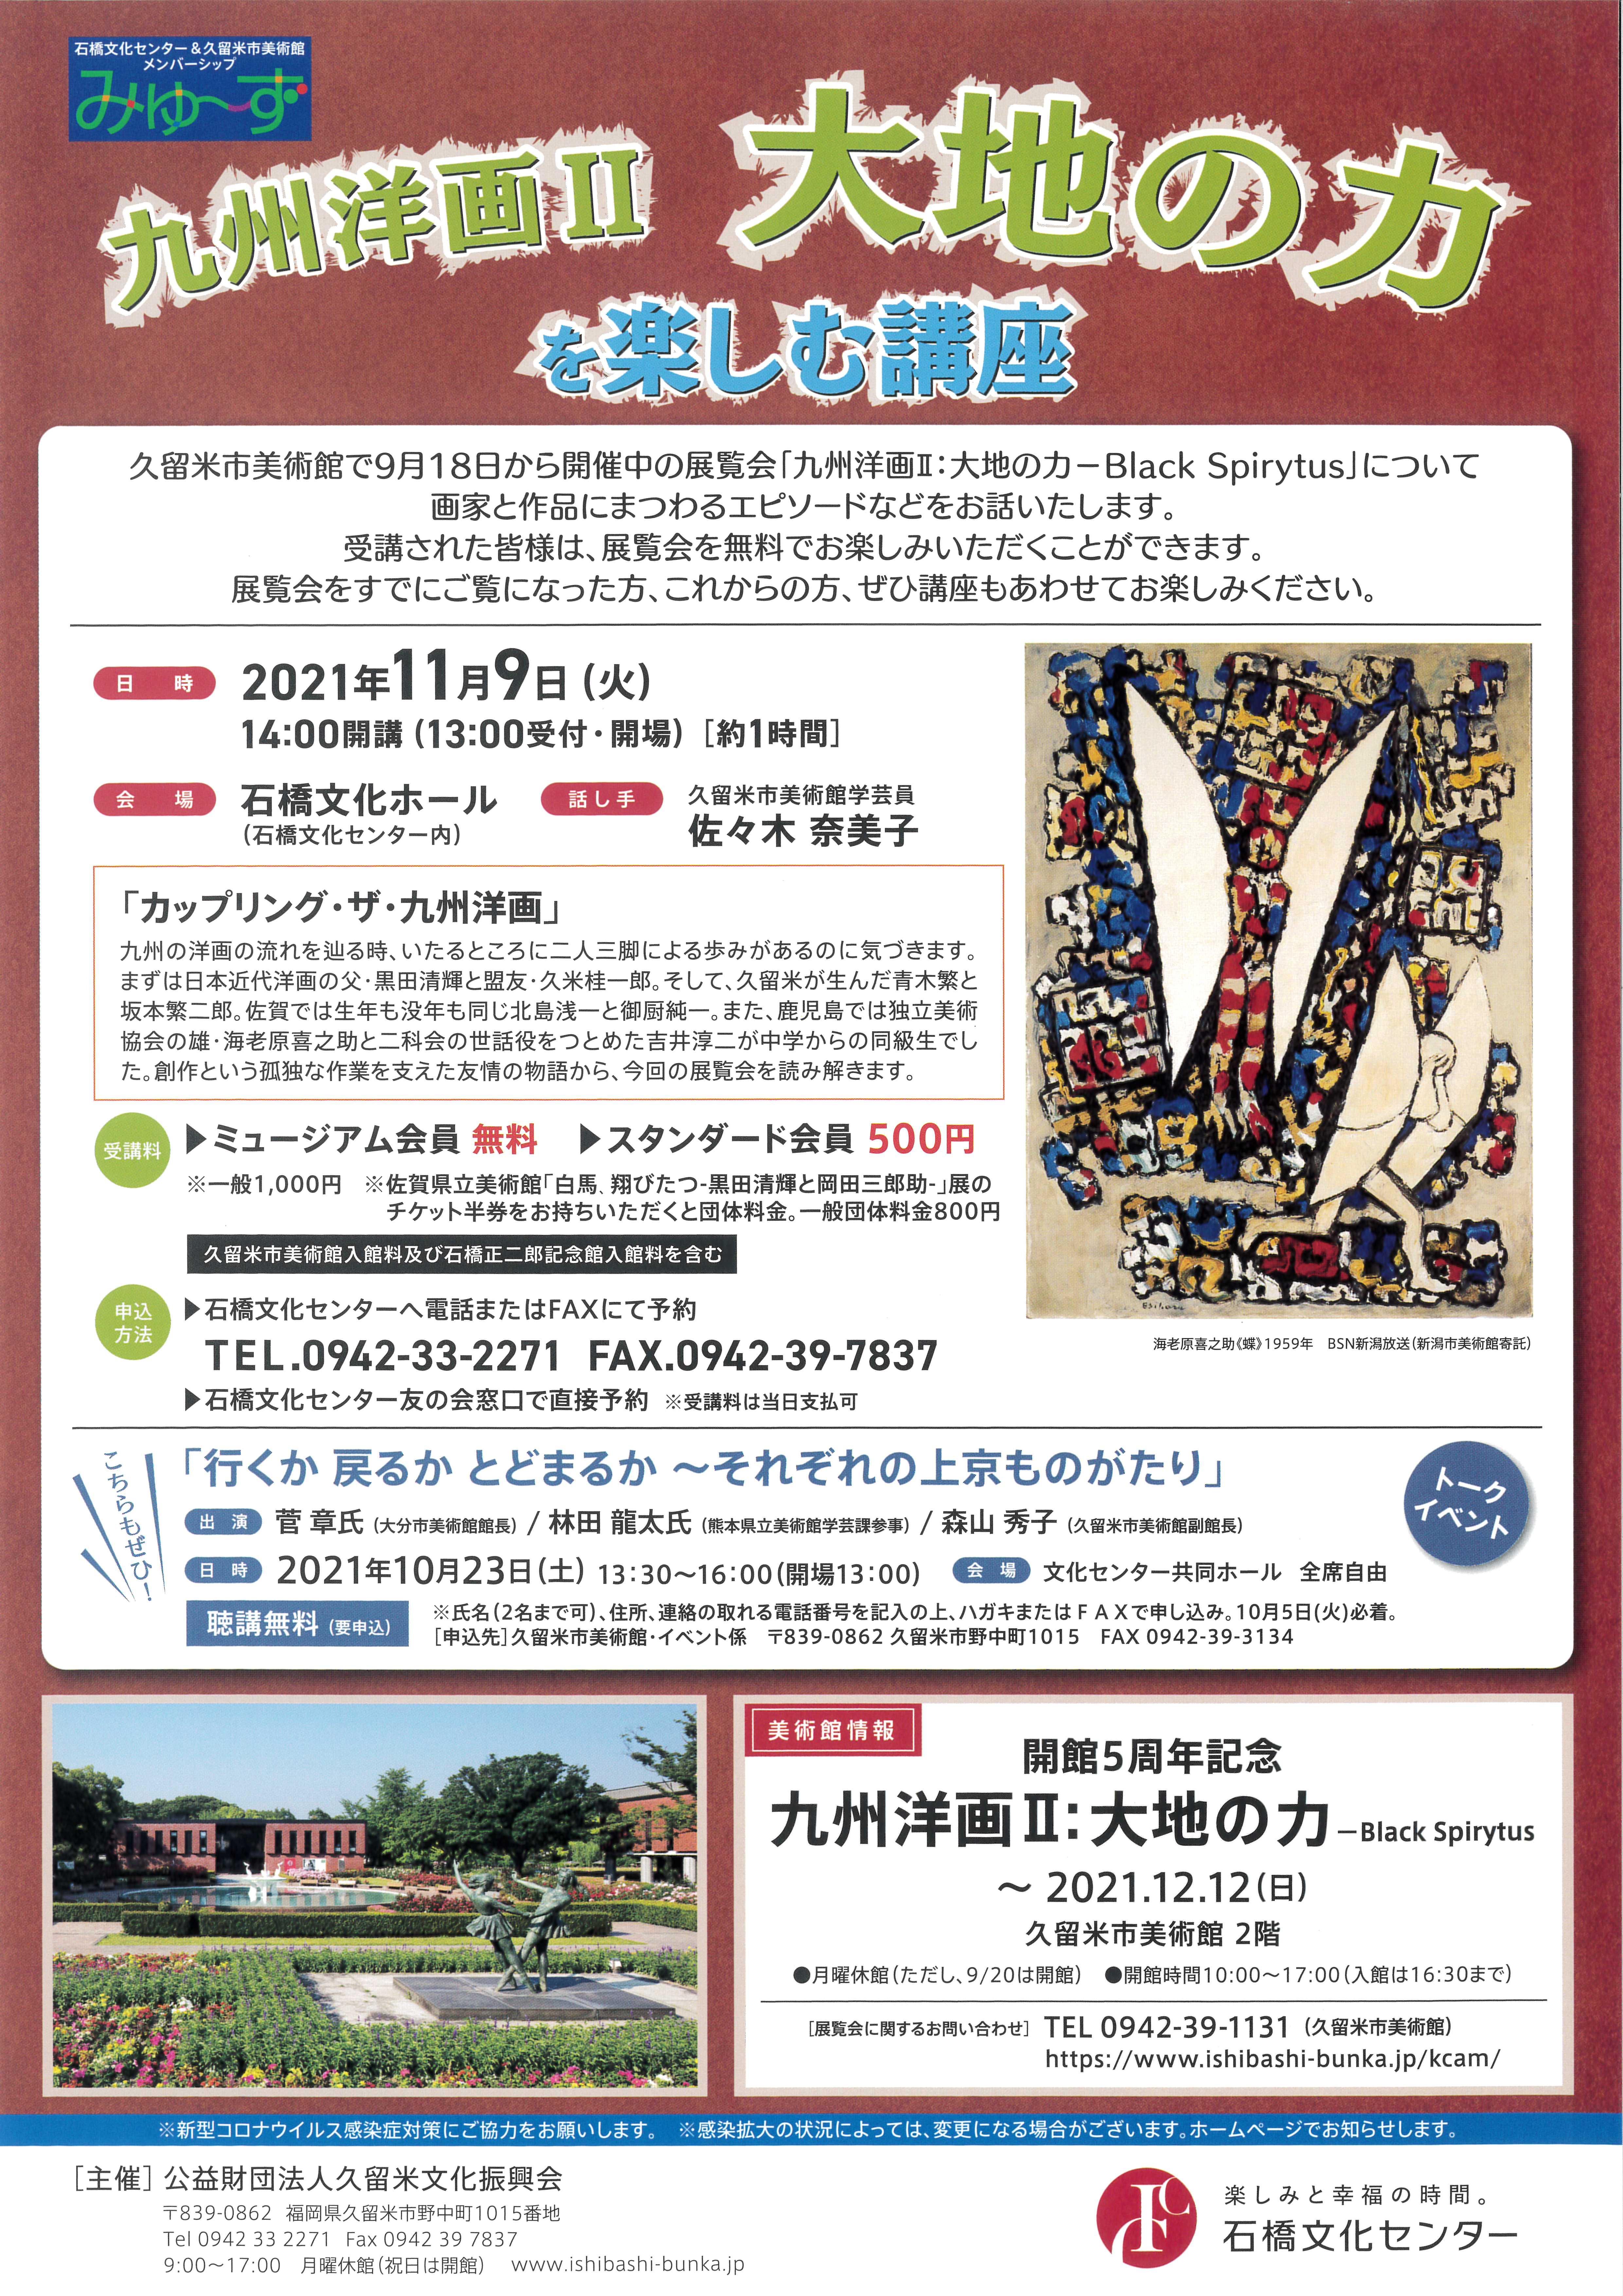 「九州洋画Ⅱ 大地の力」を楽しむ講座